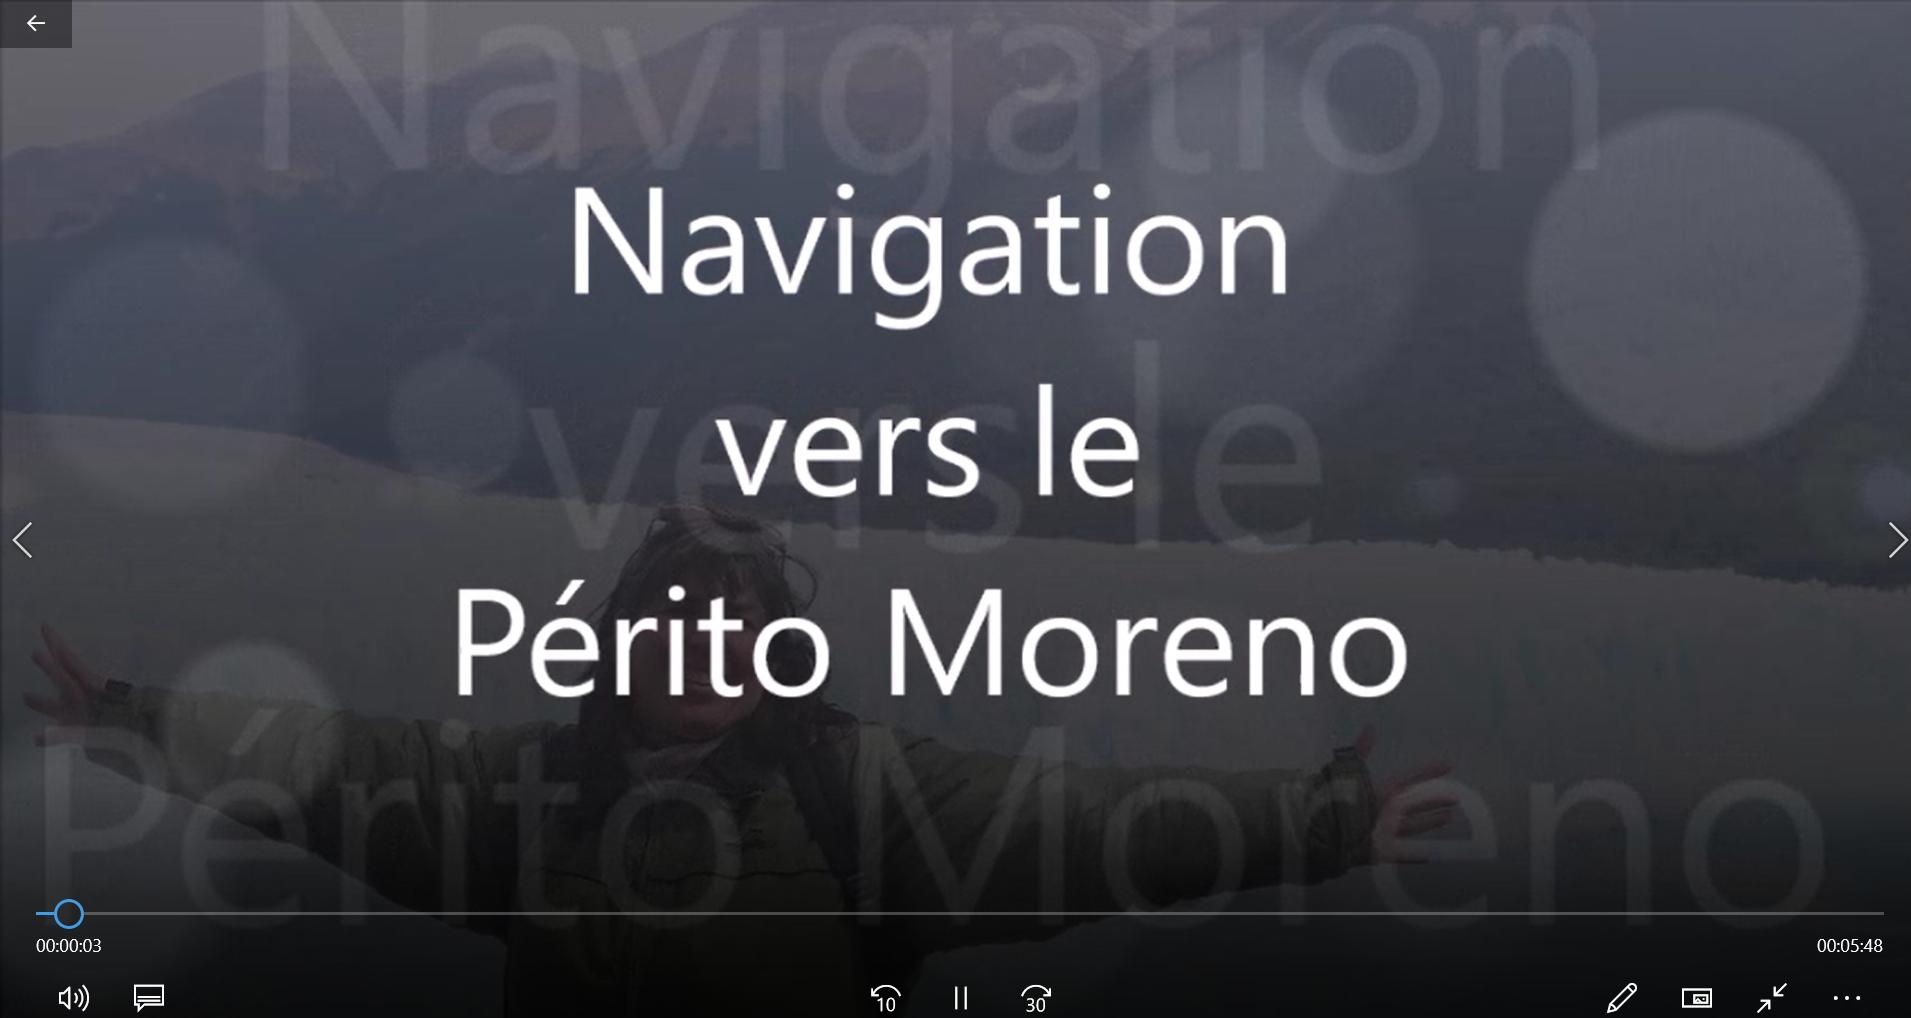 Navigation vers le Périto Moreno